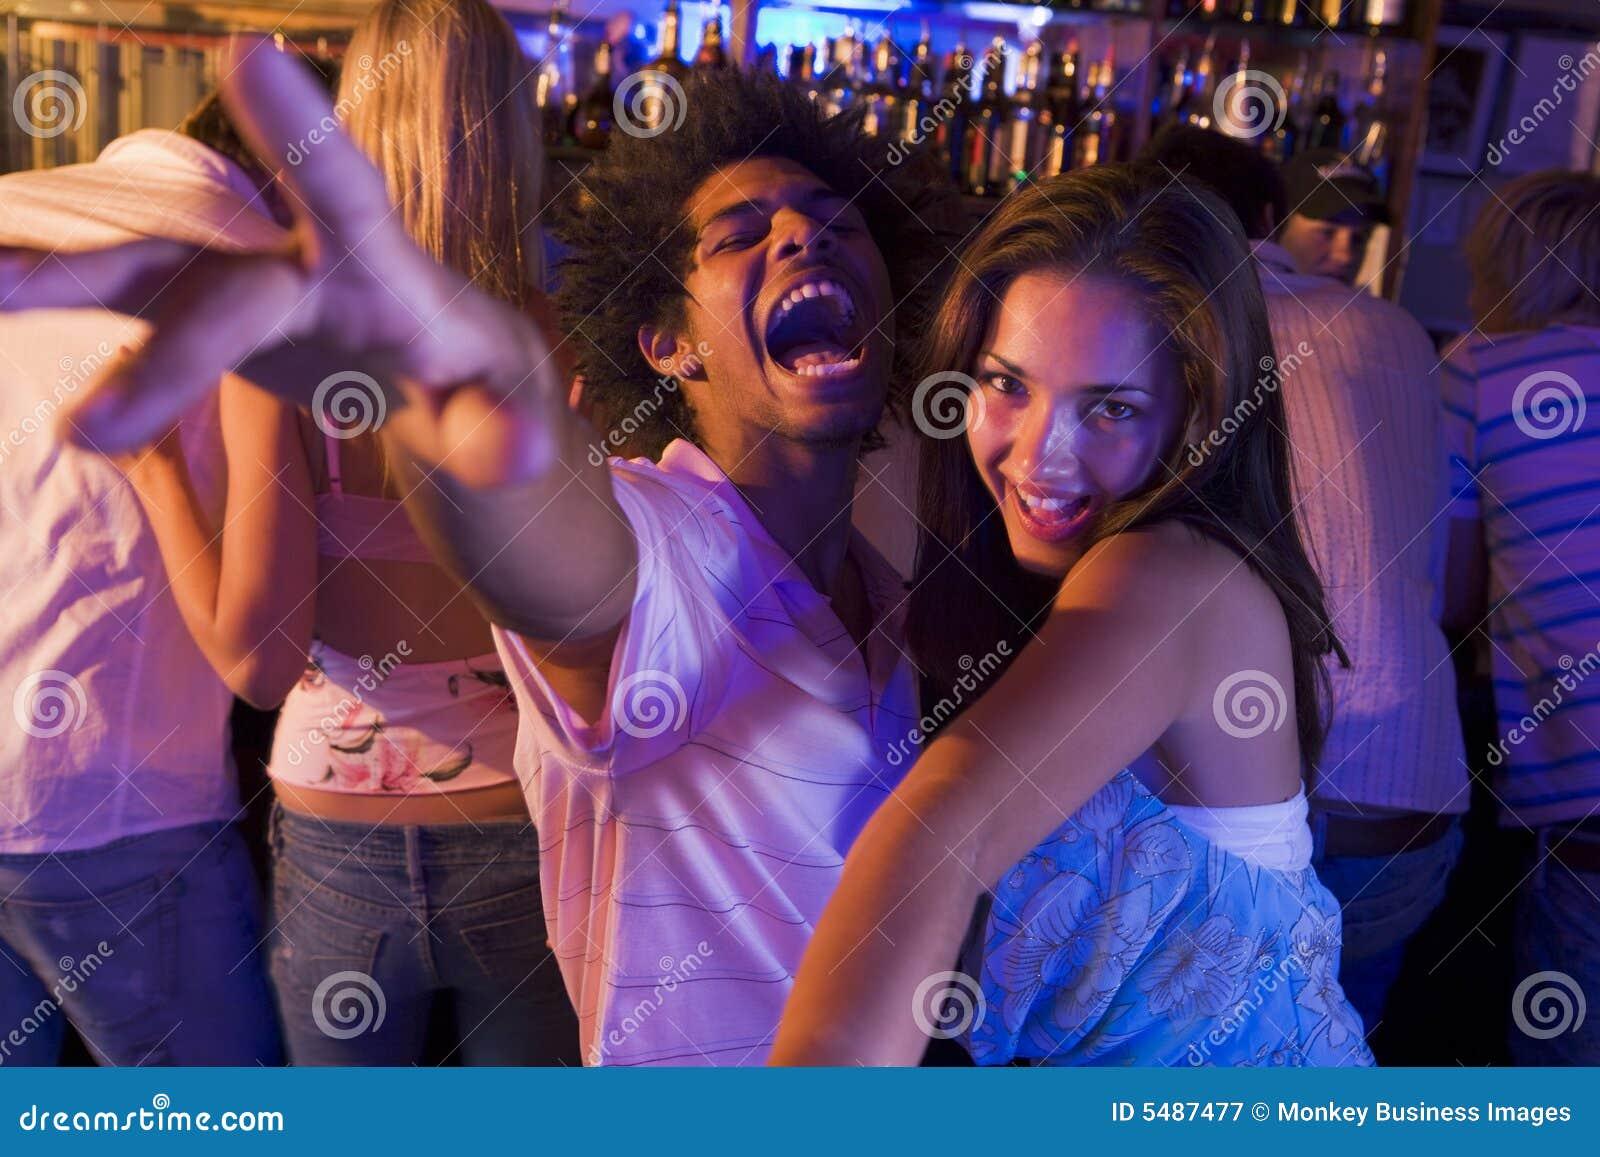 Трахнул прямо на дискотеке при всех, Чуваки трахают девушек на дискотеке в разные дырочки 29 фотография